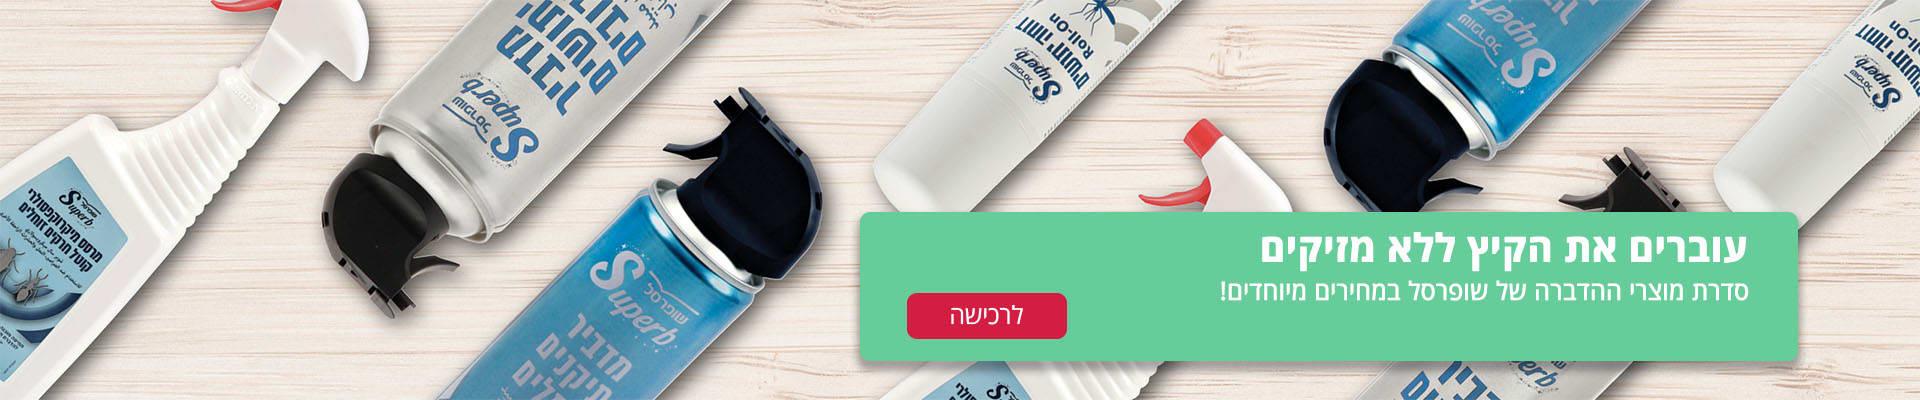 סדרת מוצרי ההדברה של שפרסל במחירים מיוחדים. לרכישה>>